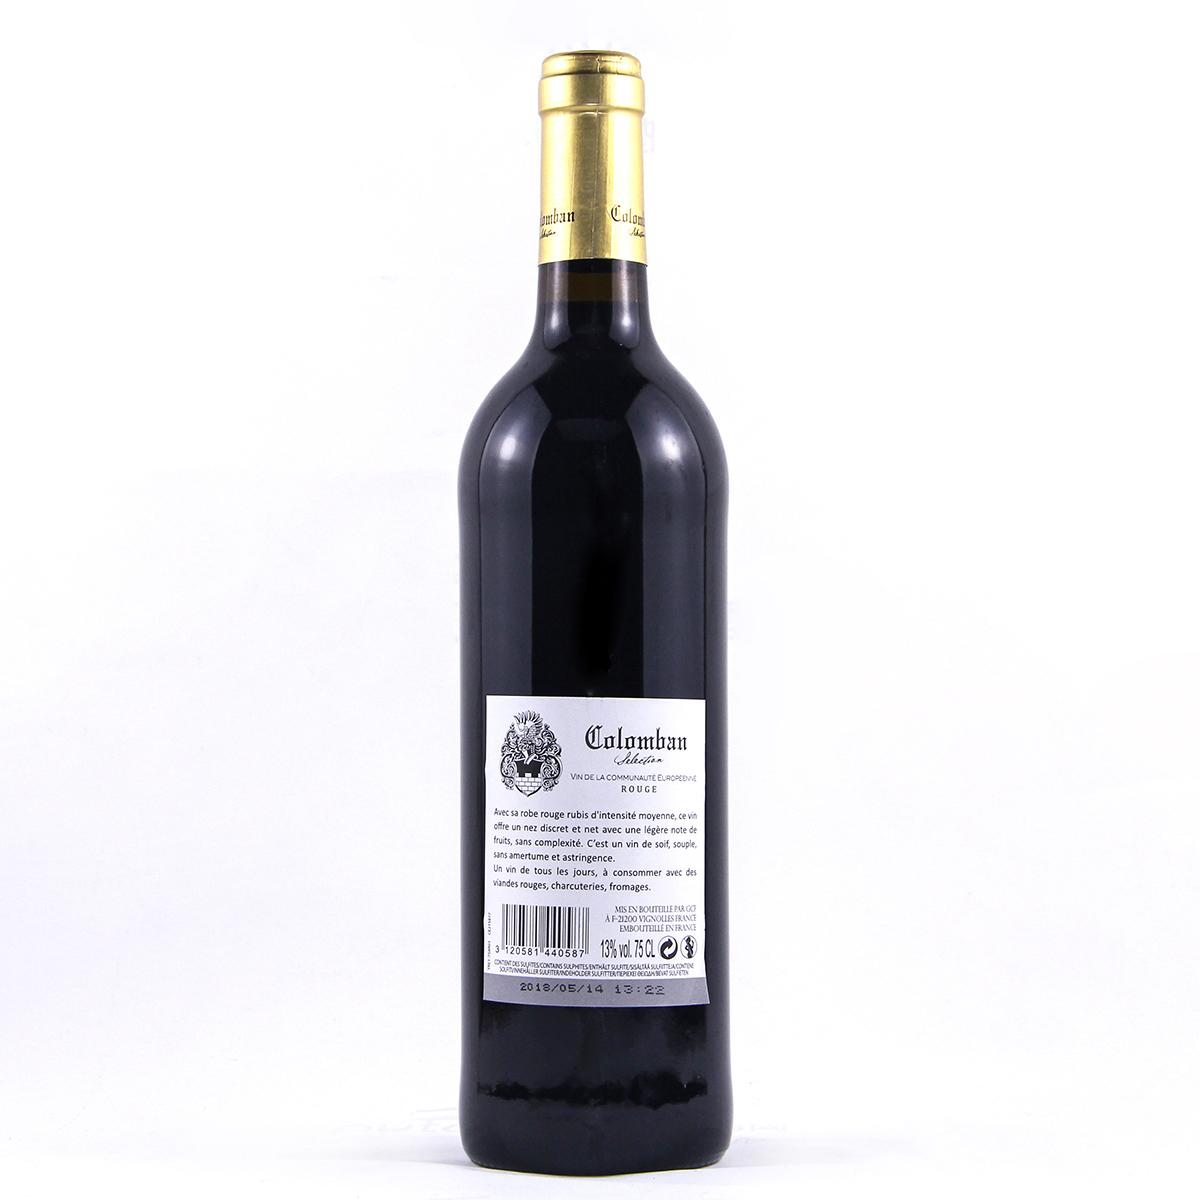 法国波尔多法国大酒窖集团GCF青铜庄园混酿VDF干红葡萄酒